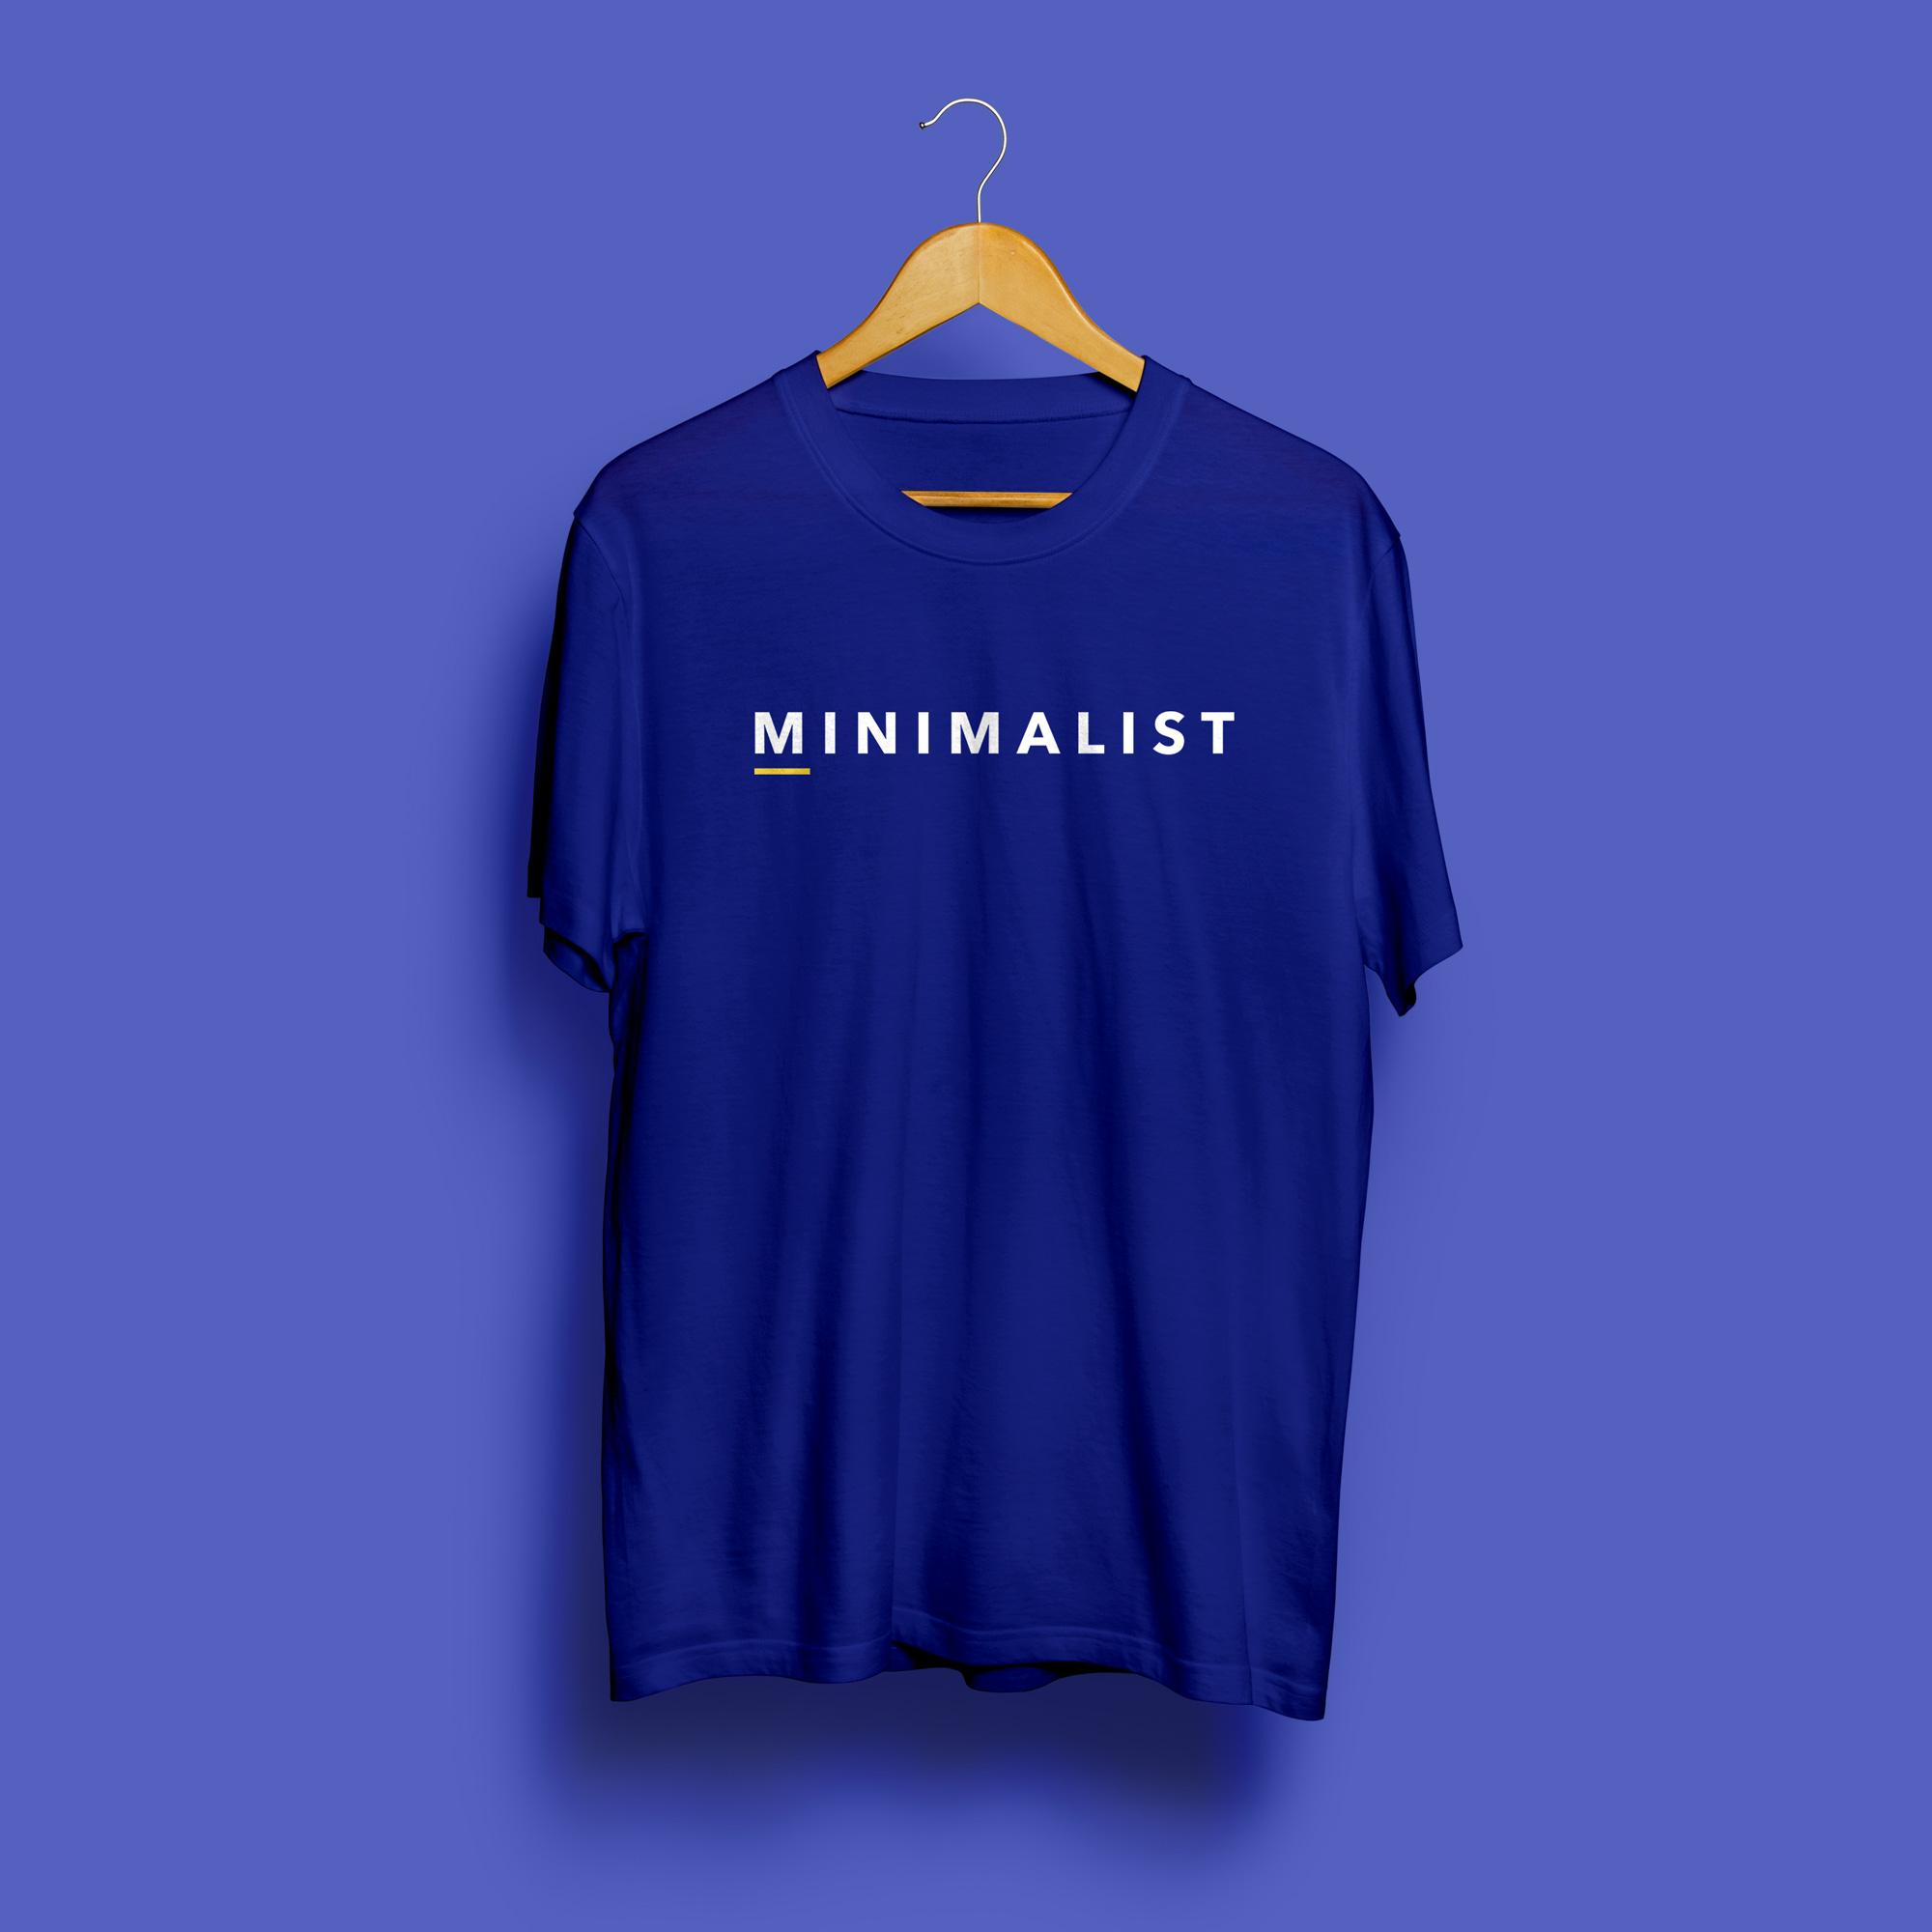 Minimalist Round Neck T-Shirt